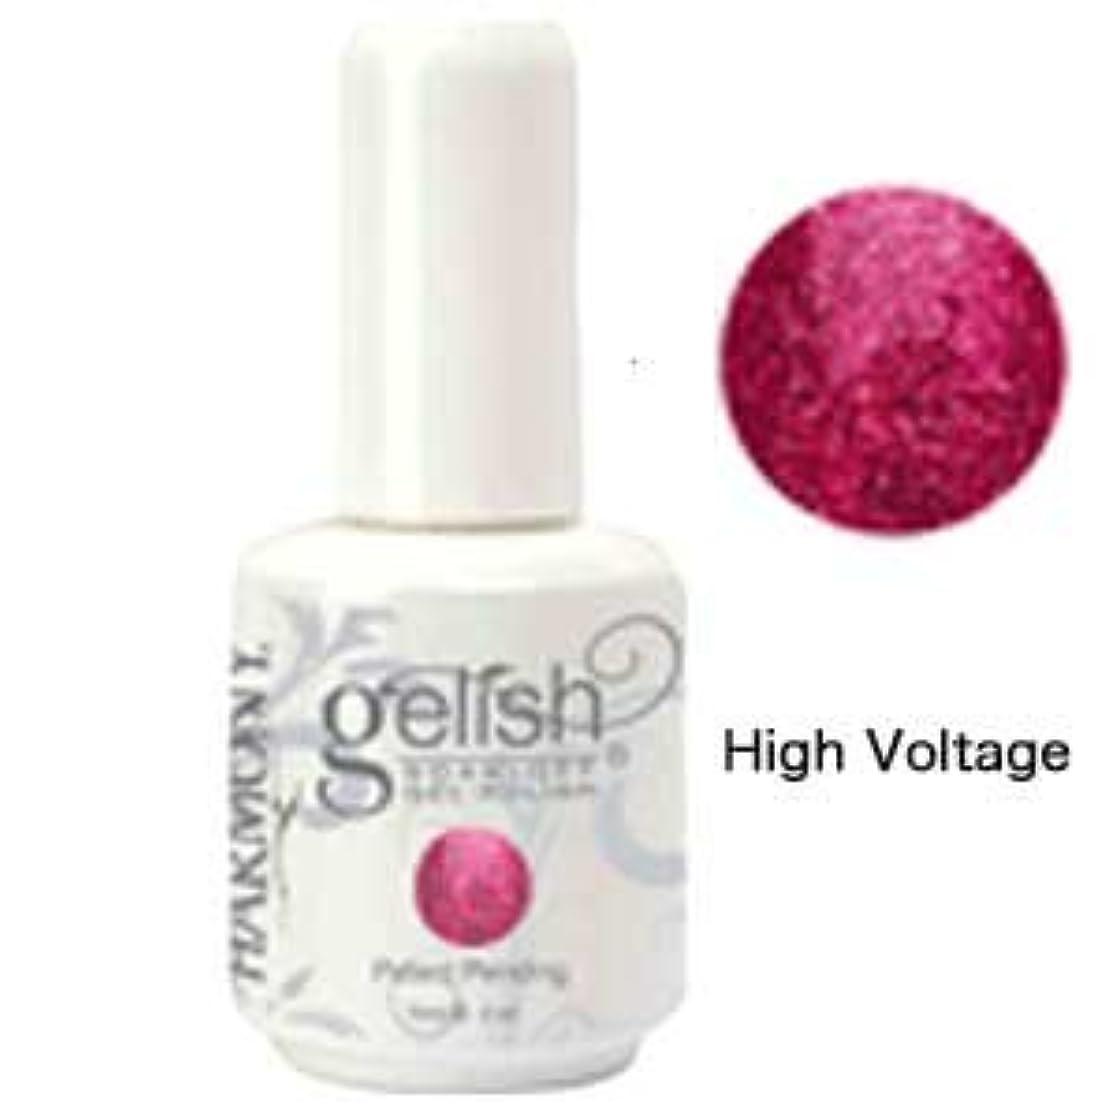 おなじみのパーティション後者Harmony gelishソークオフジェル-High Voltage 15ml [海外直送品][並行輸入品]